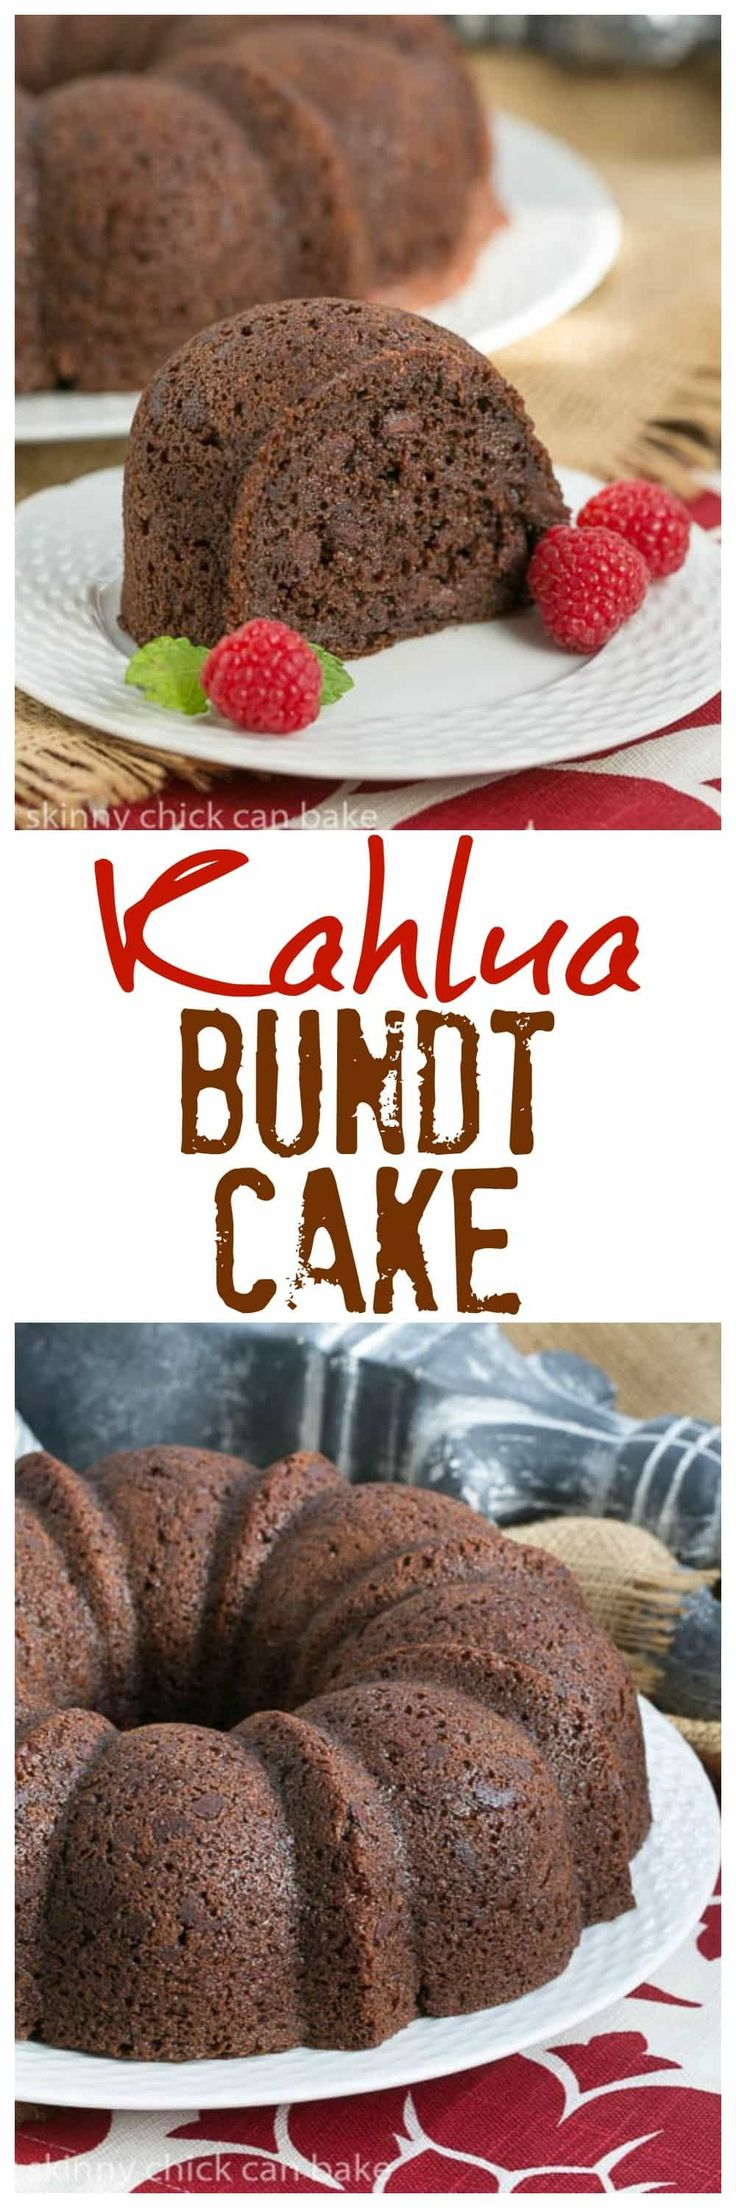 Easyrecipes Com Bundt Cake Breakfast